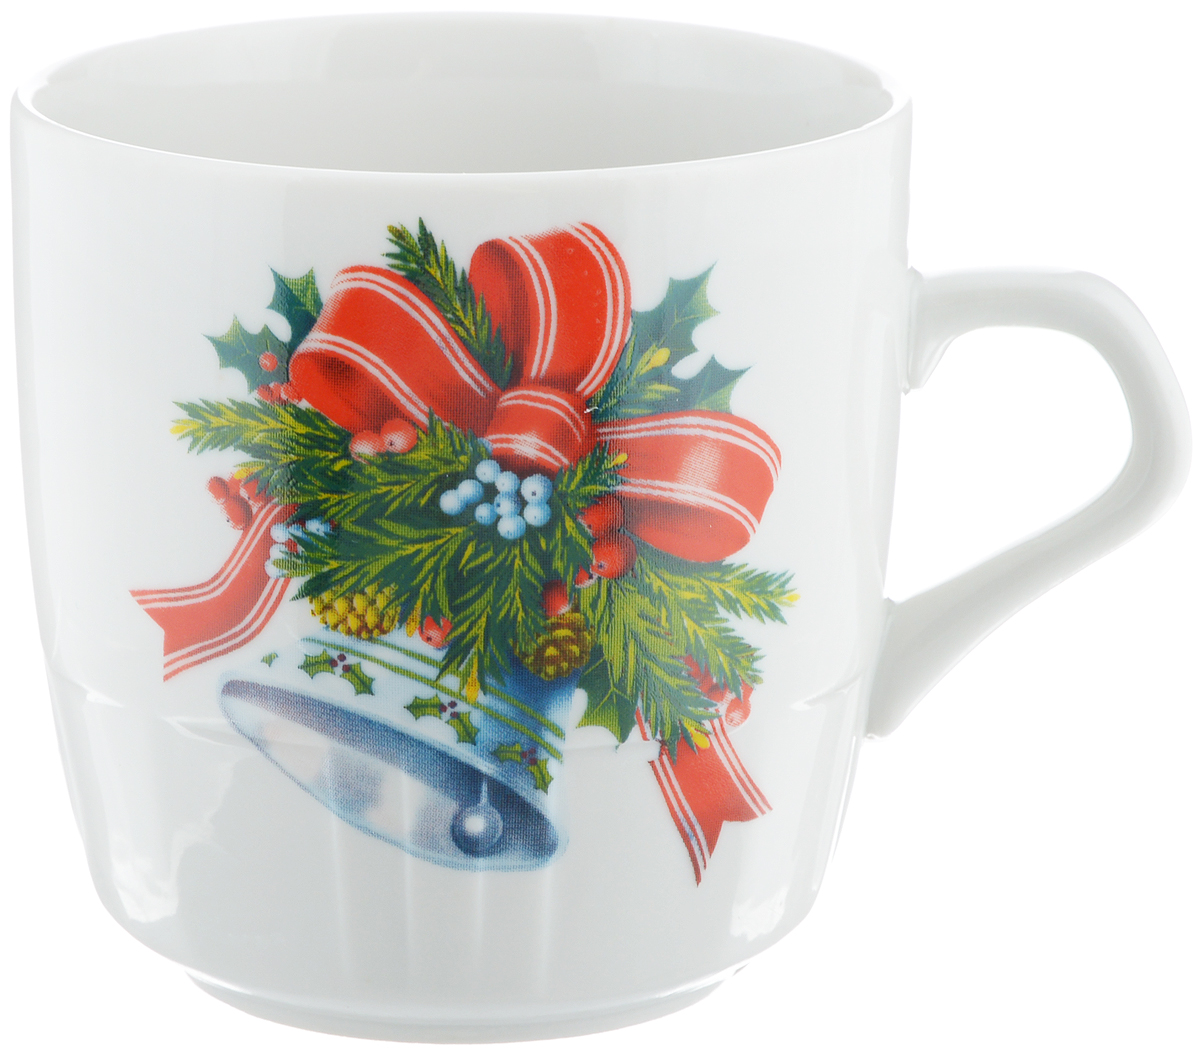 """Кружка Фарфор Вербилок """"Колокольчик"""" способна  скрасить любое чаепитие. Изделие выполнено из  высококачественного фарфора. Посуда из такого  материала позволяет сохранить истинный вкус напитка, а  также помогает ему дольше оставаться теплым. Диаметр по верхнему краю: 8 см. Высота кружки: 8,5 см."""